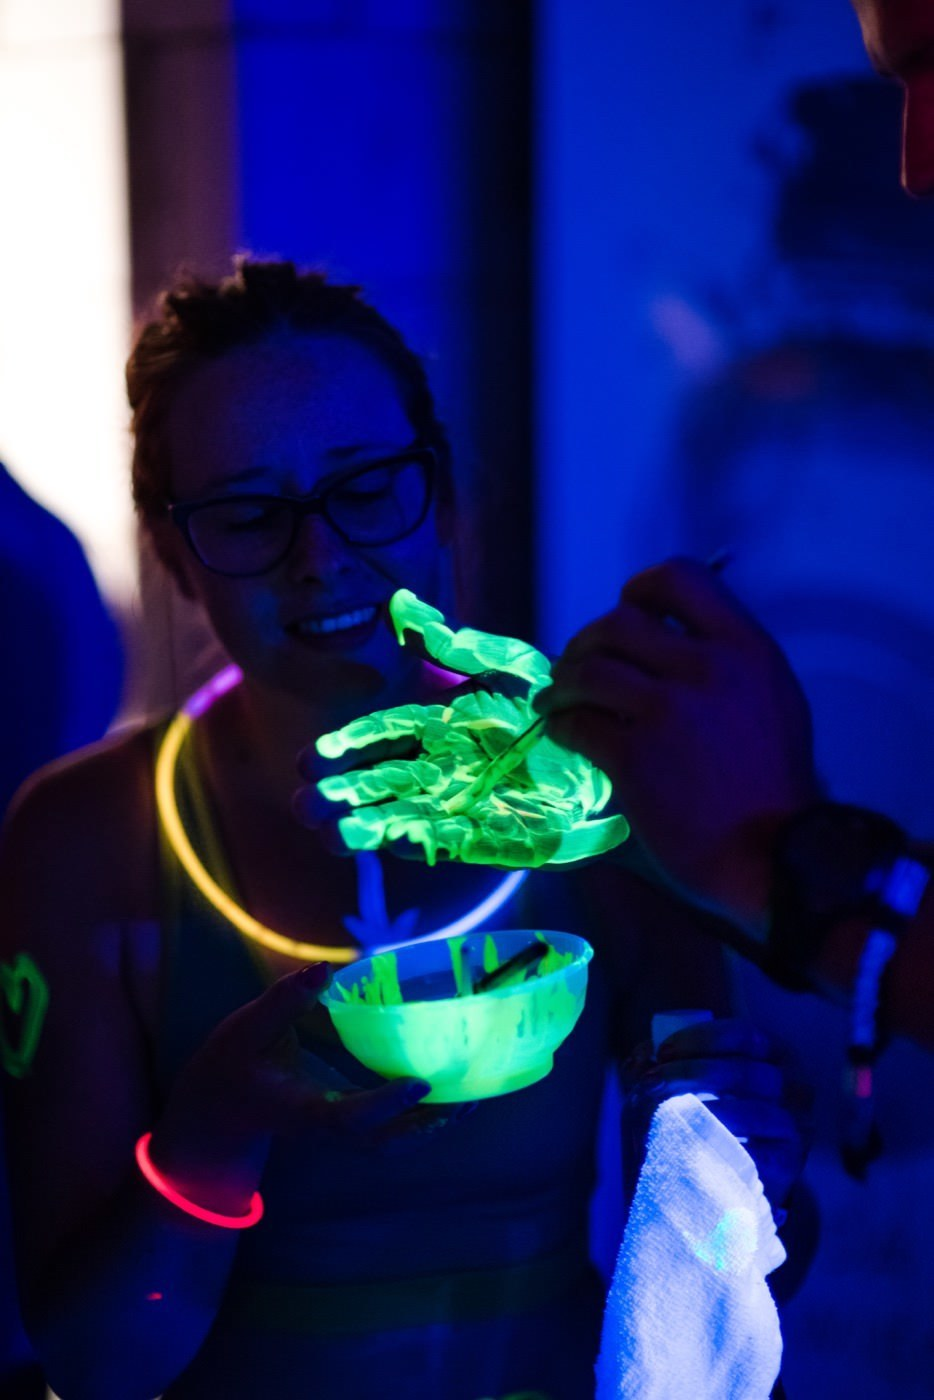 ręka w zielonej farbie UV